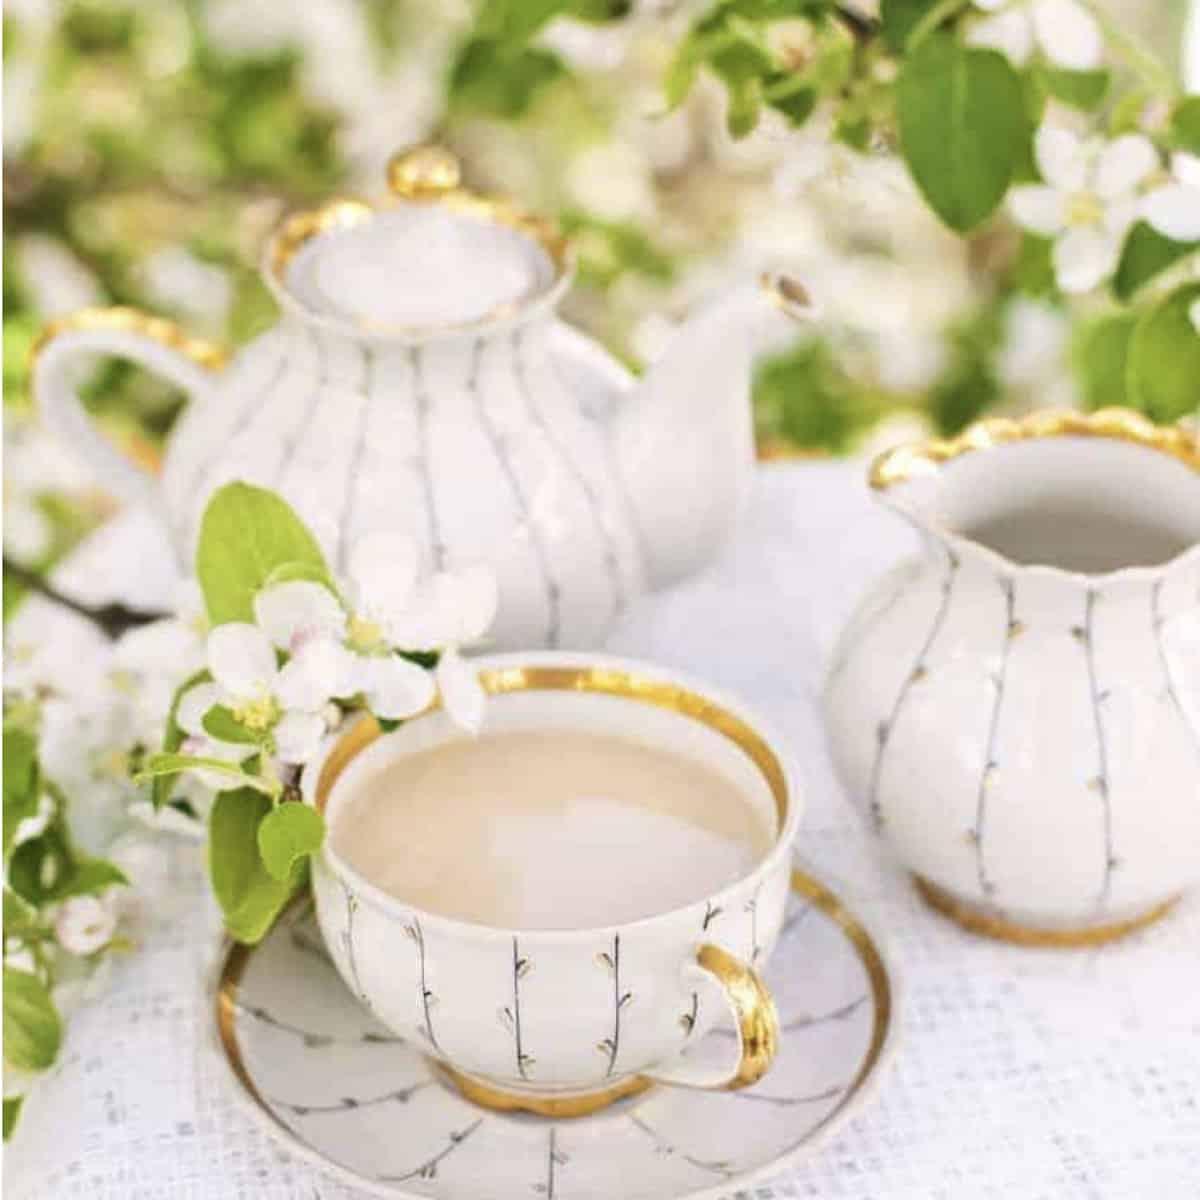 milk tea in a teacup